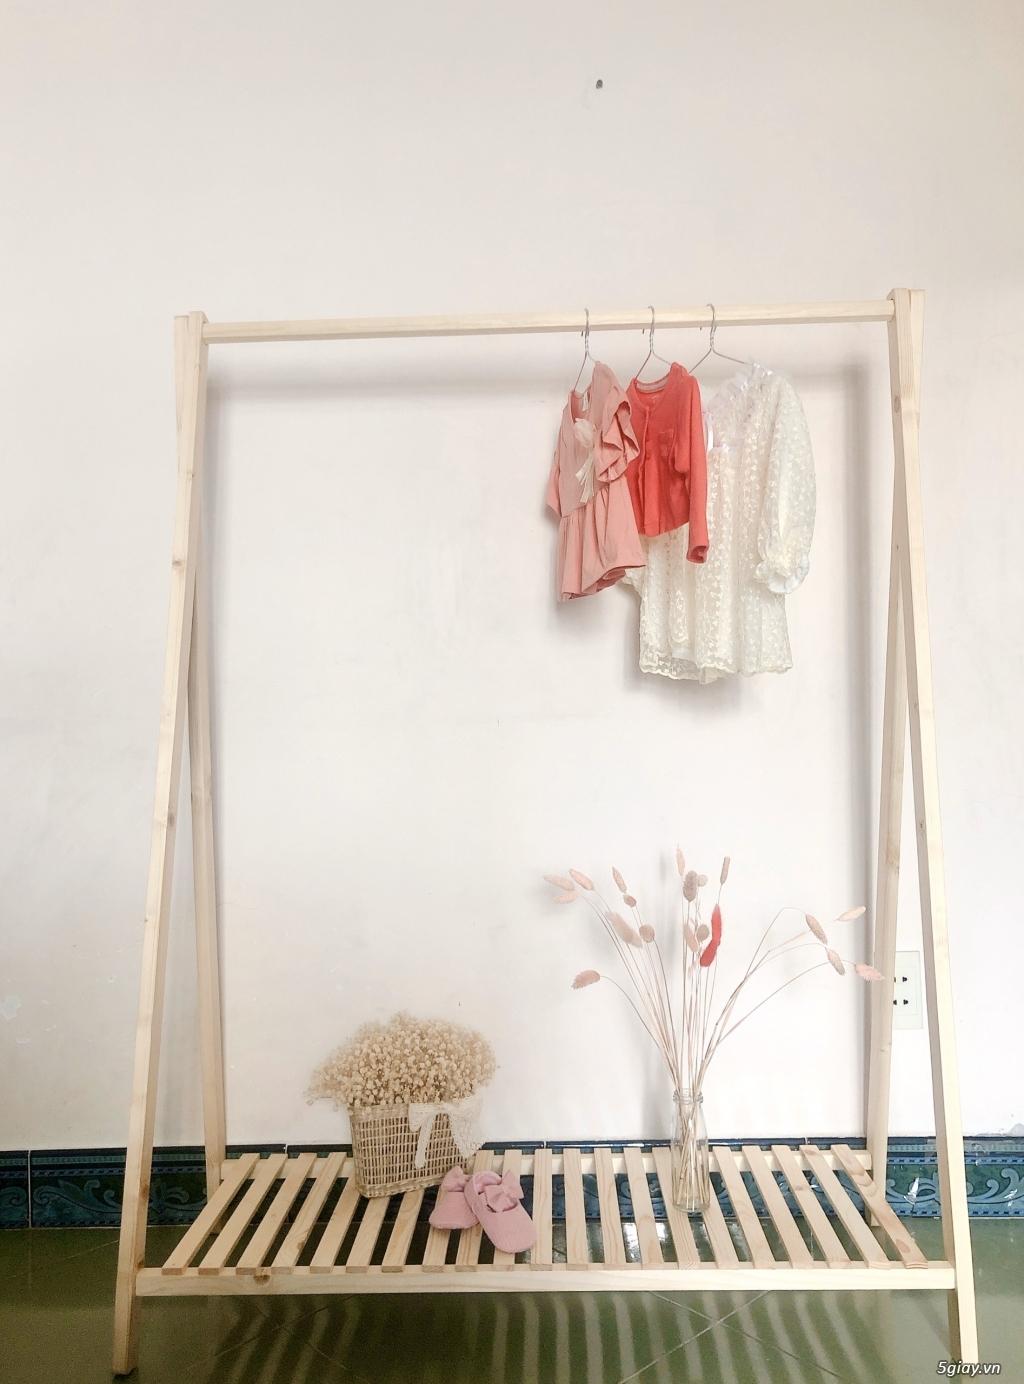 xả 3 bộ Kệ treo quần áo dáng Hàn Quốc - gỗ thông 100%